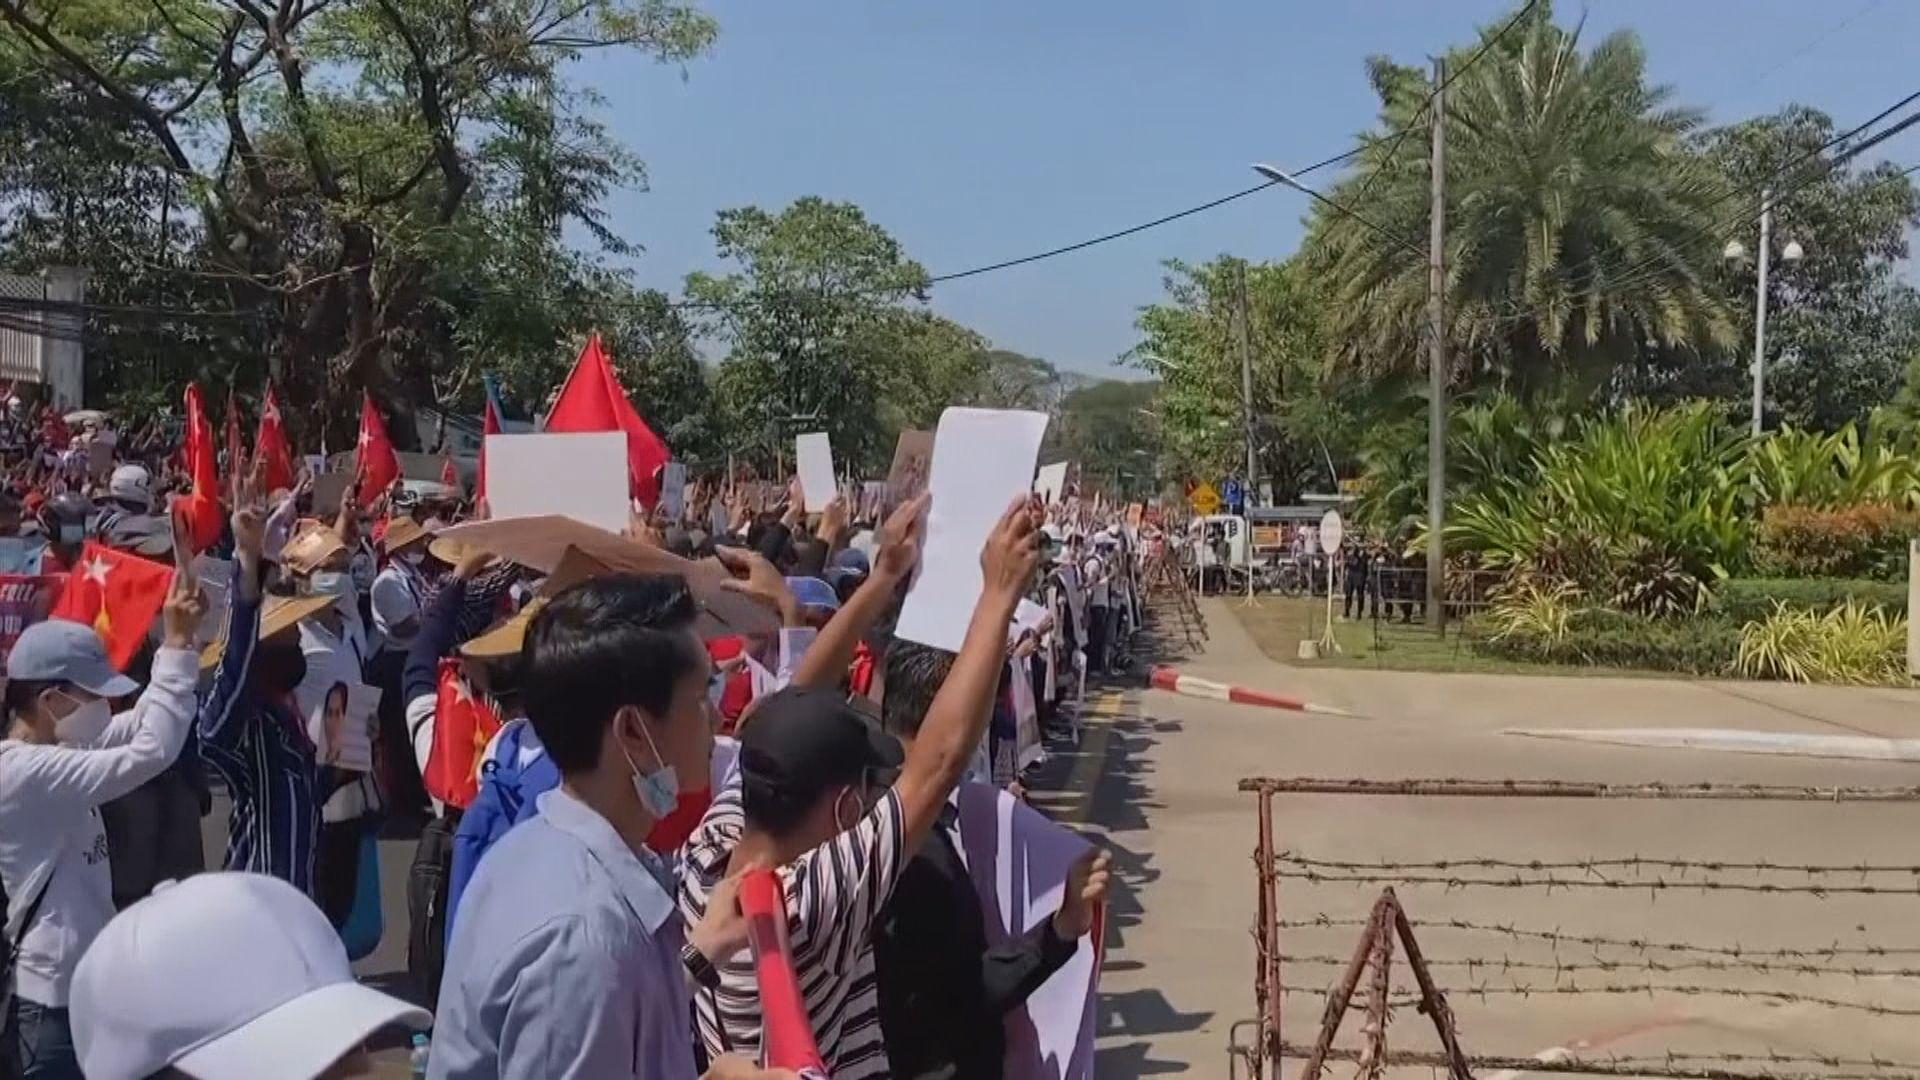 緬甸大批民眾到美國大使館外示威 要求華府拯救緬甸